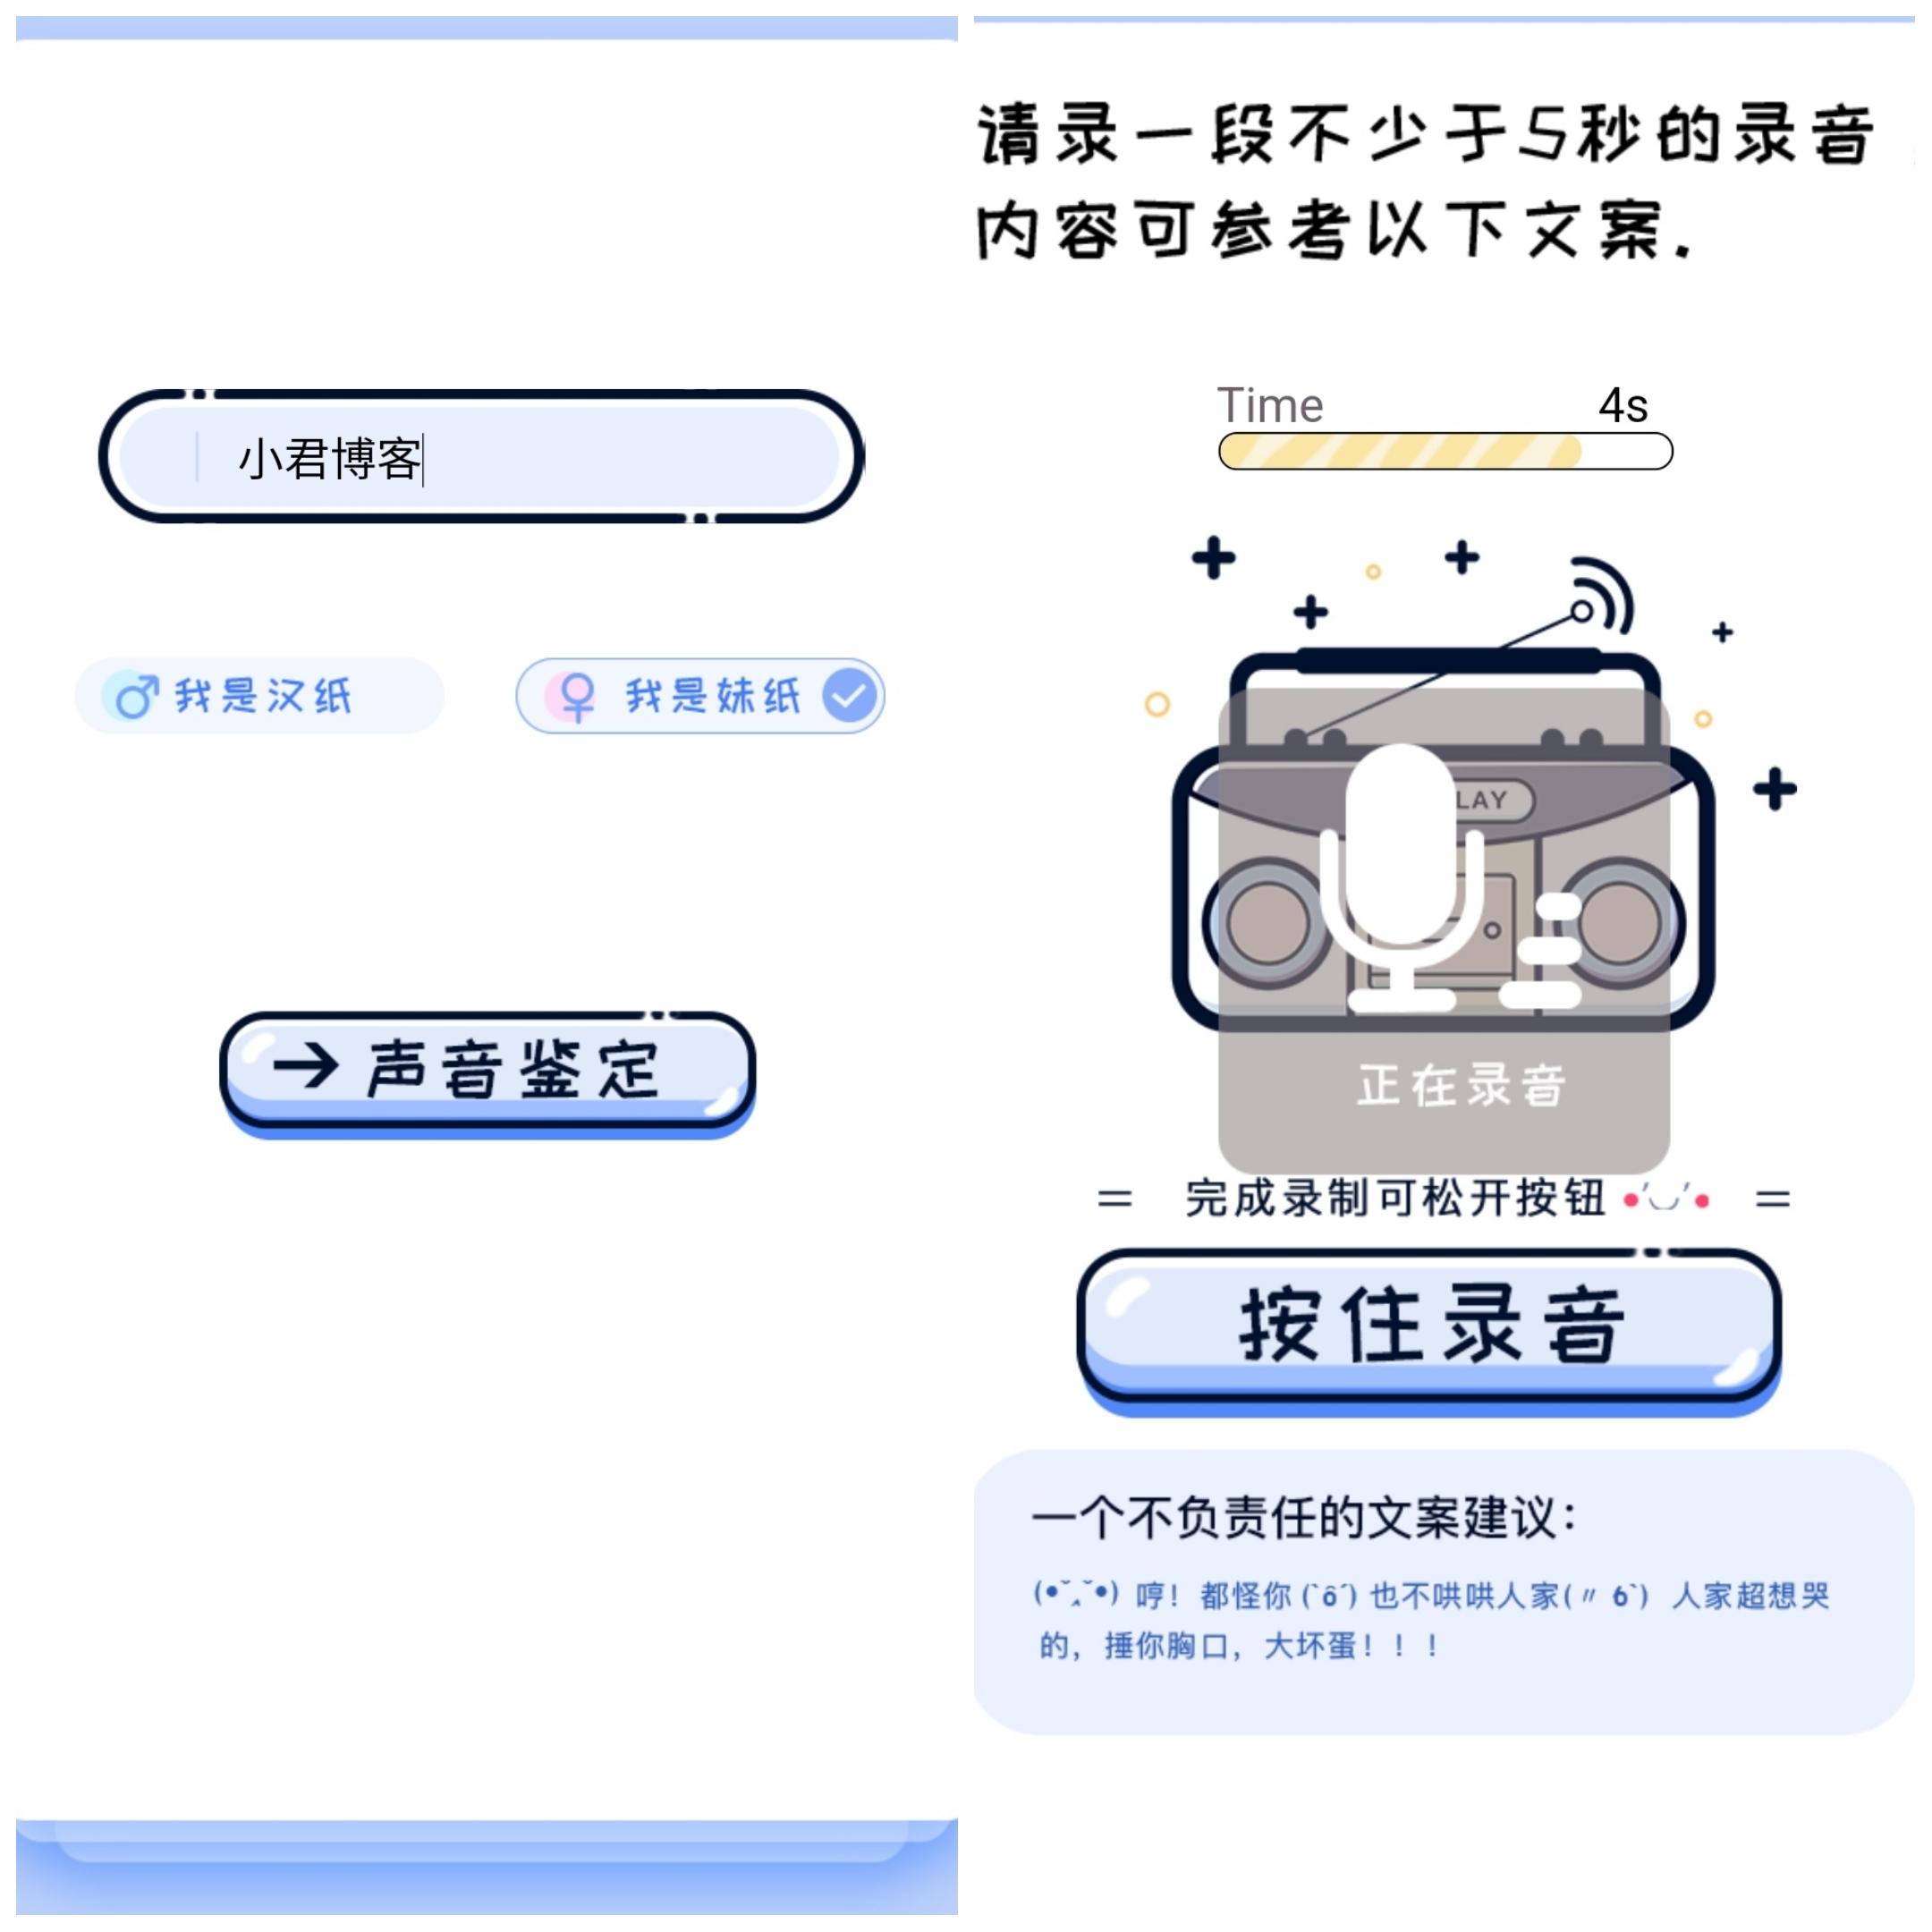 声签卡HTML5网页源码